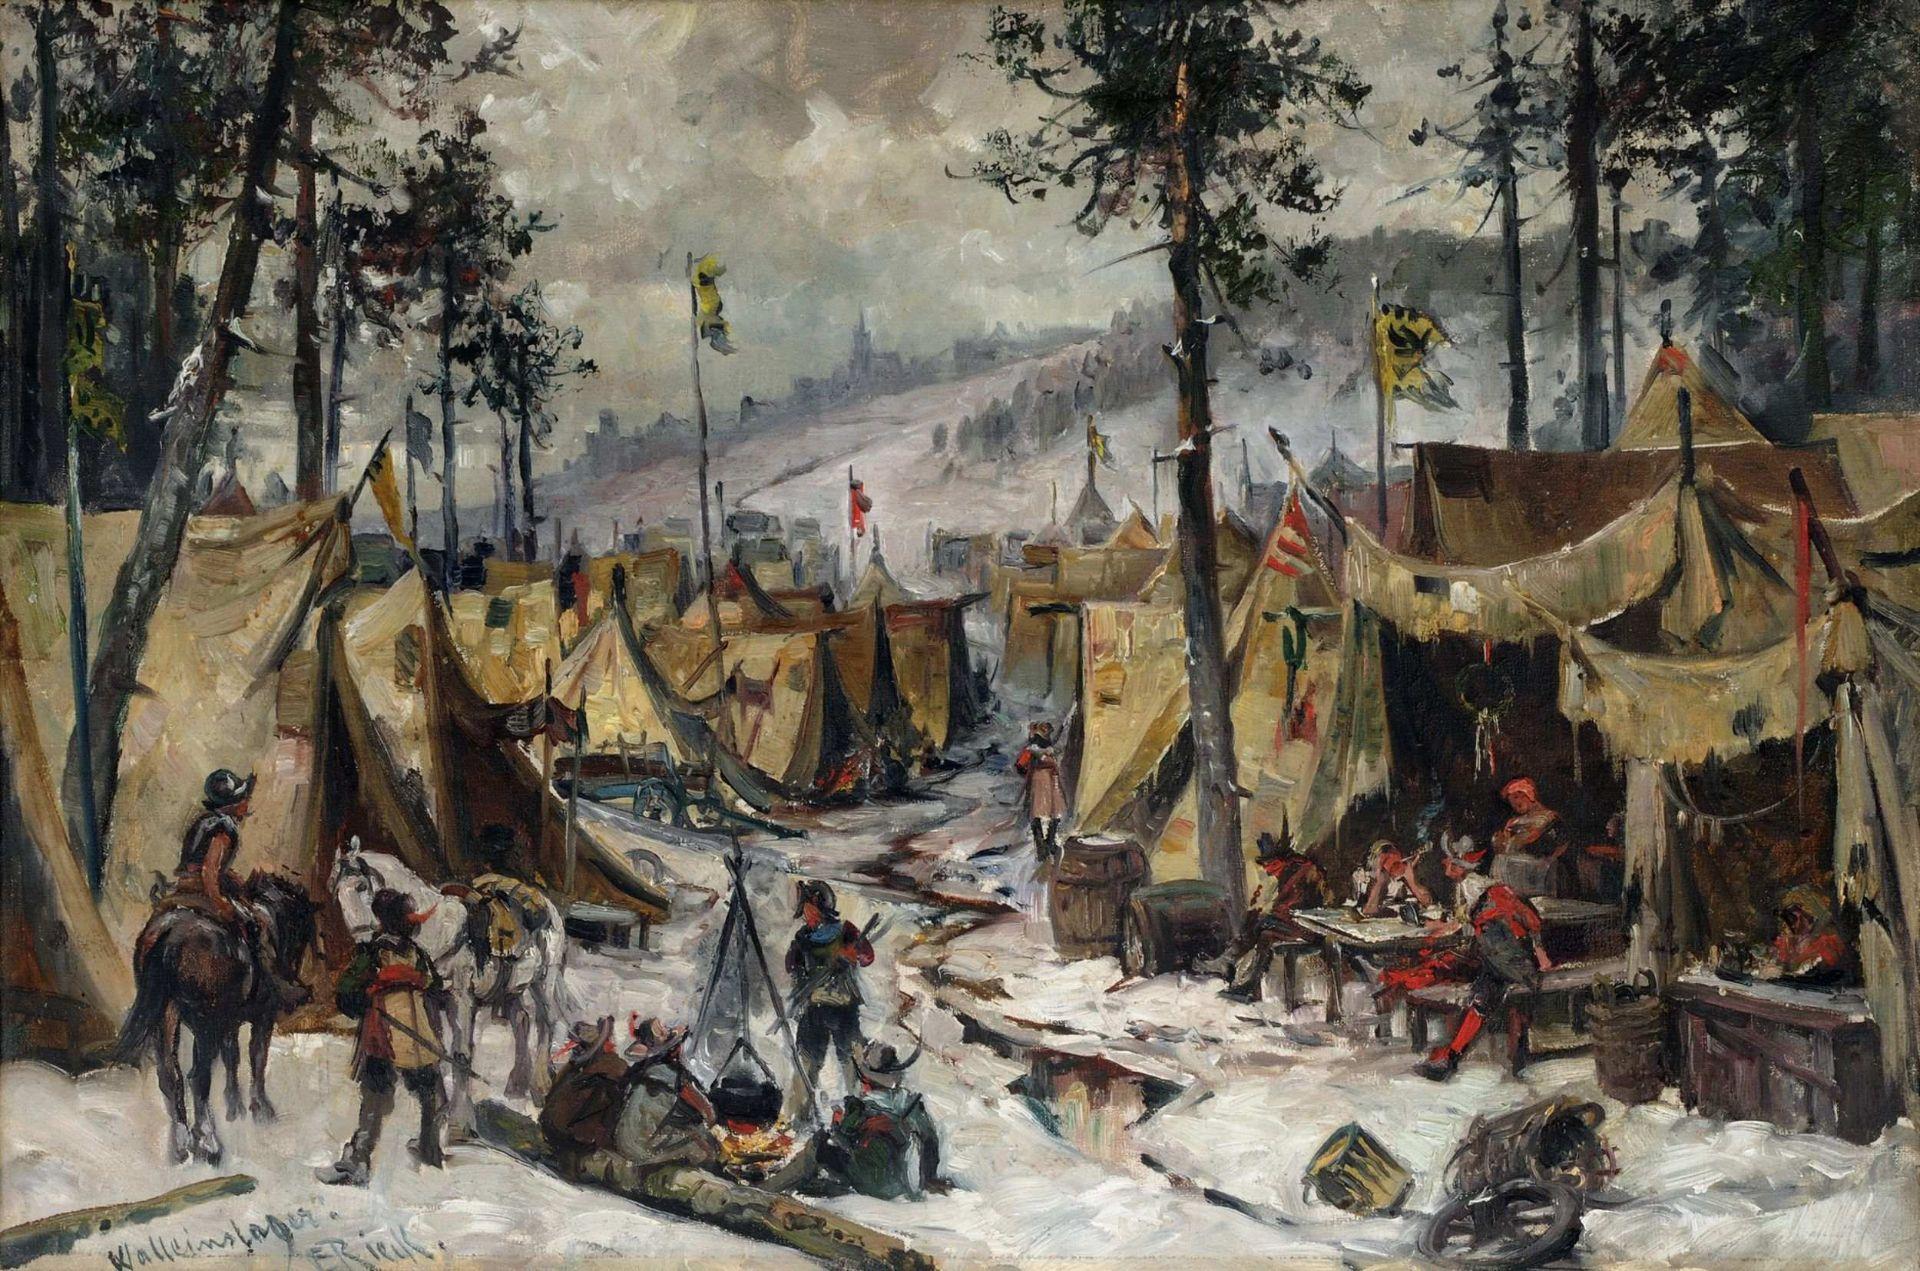 Le camp de Wallenstein, une peinture d'Emil Rieck